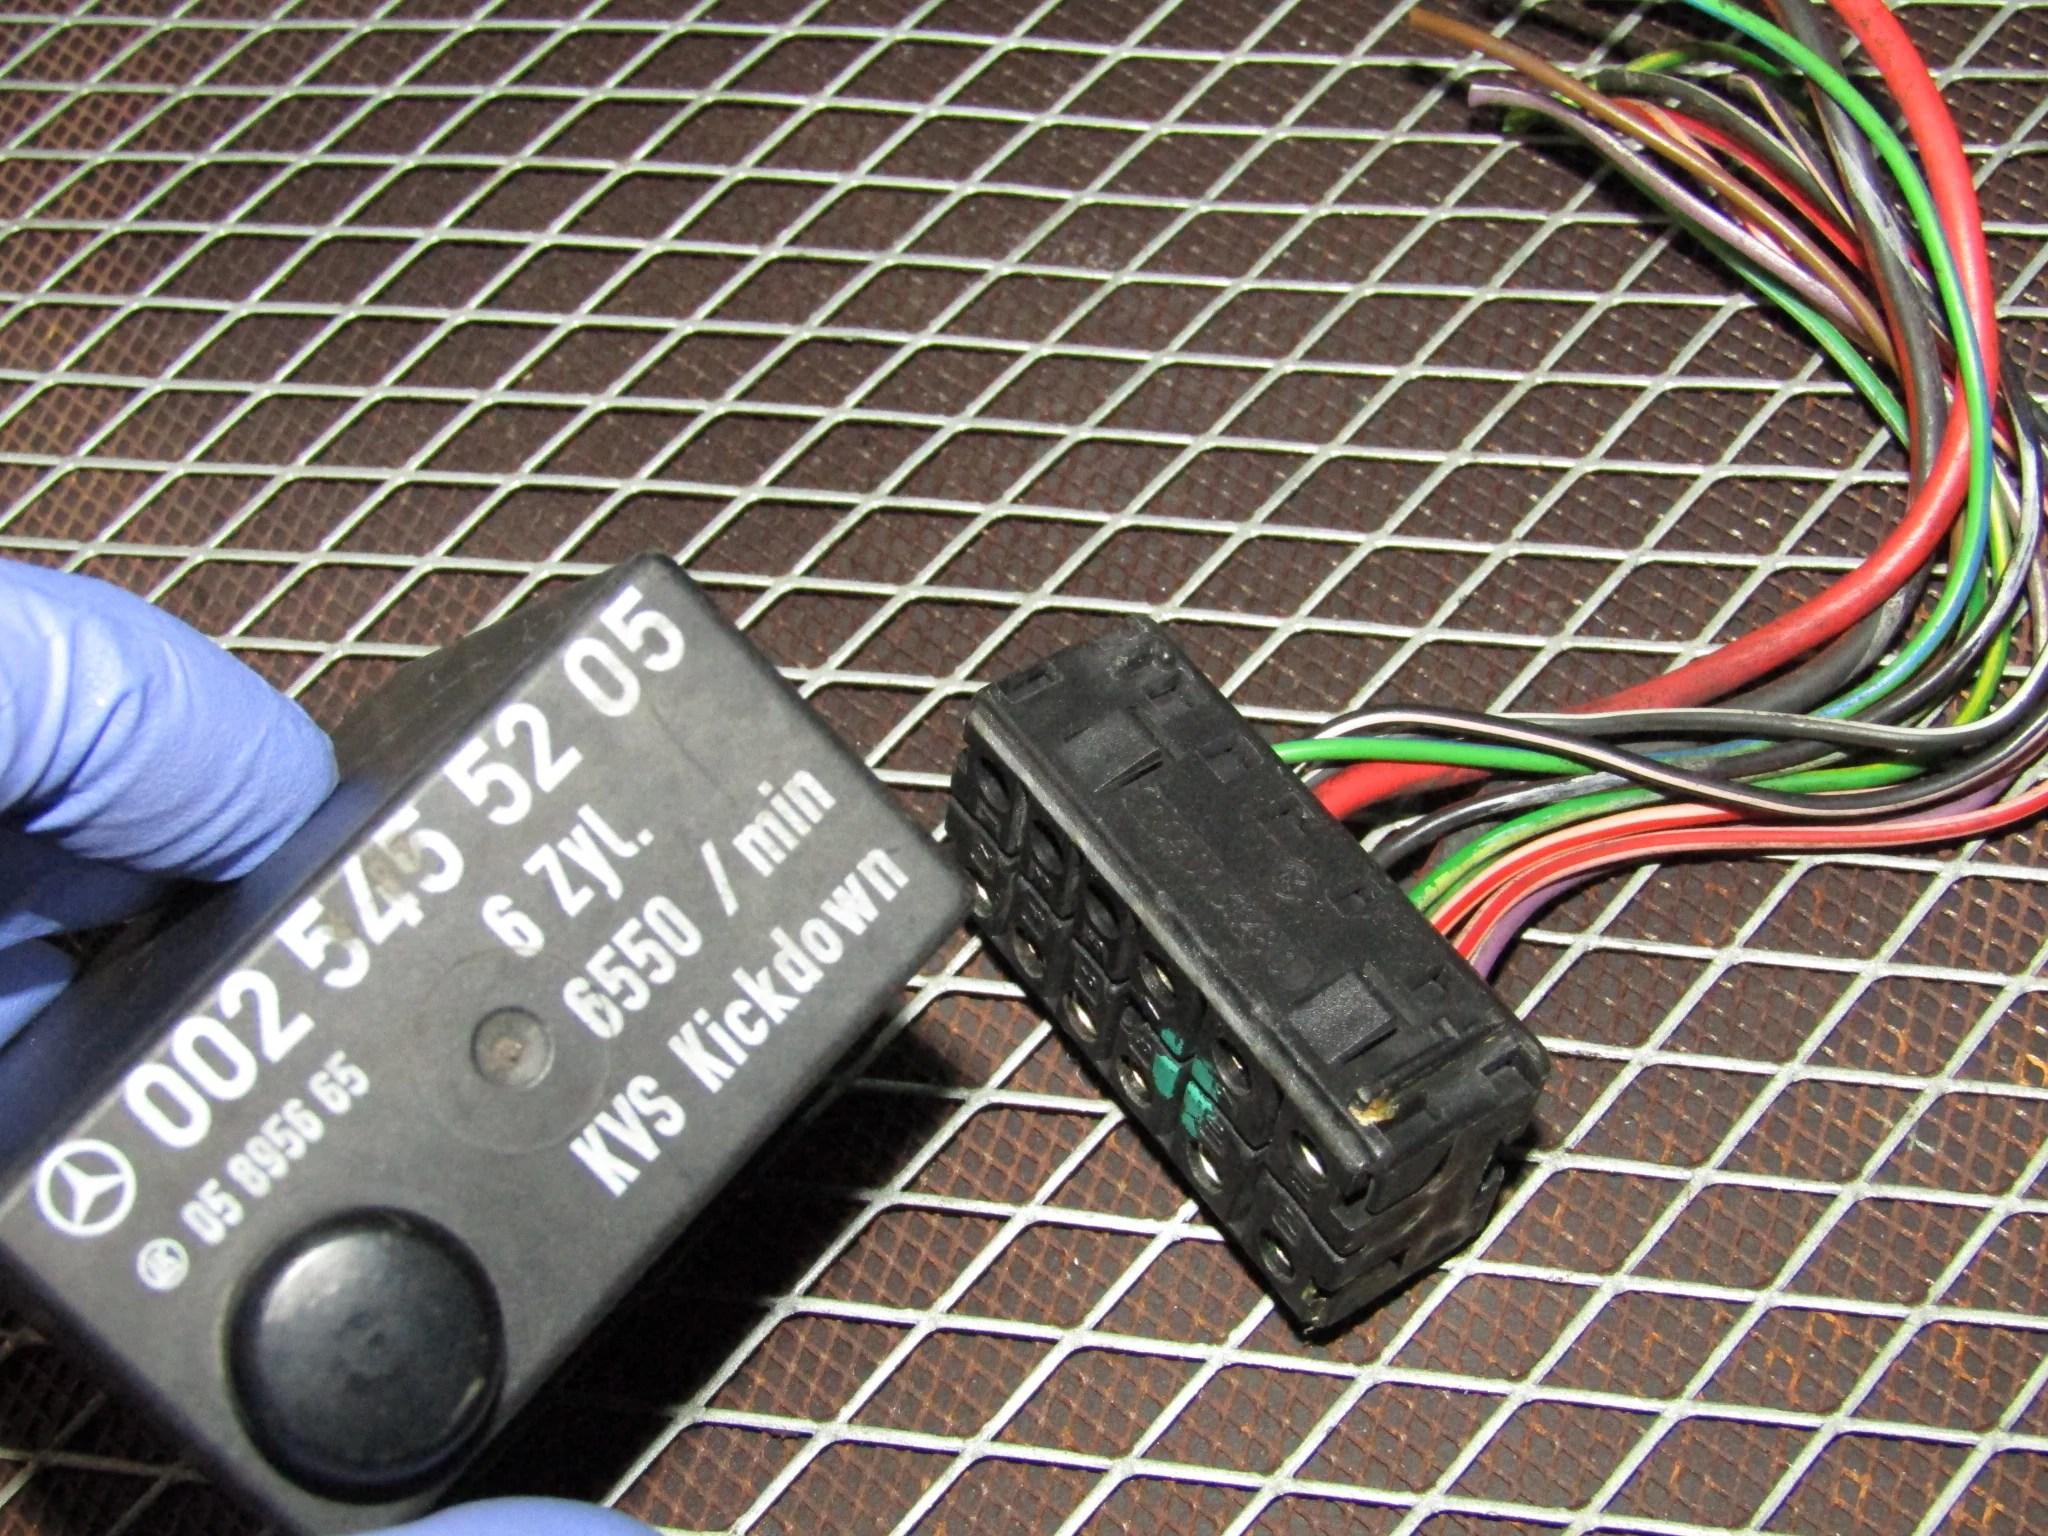 86 93 mercedes benz 300e oem fuel pump relay pigtail harness [ 2048 x 1536 Pixel ]